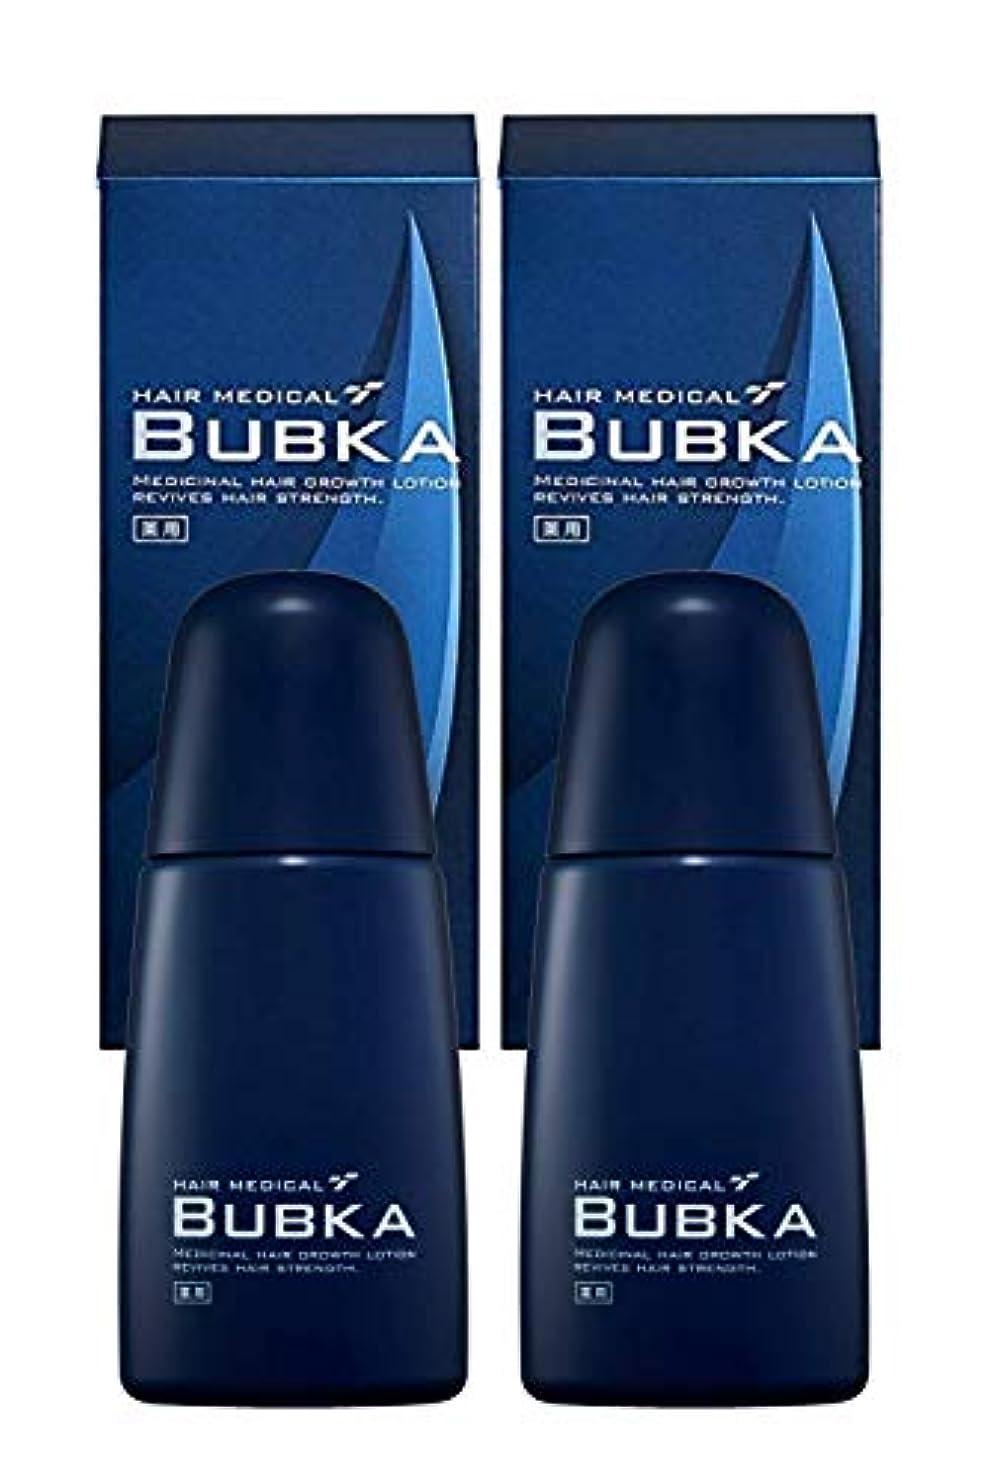 推進力紳士からに変化する【医薬部外品】BUBKA(ブブカ) 濃密育毛剤 BUBKA 003M 外販用青ボトル (2本組セット)